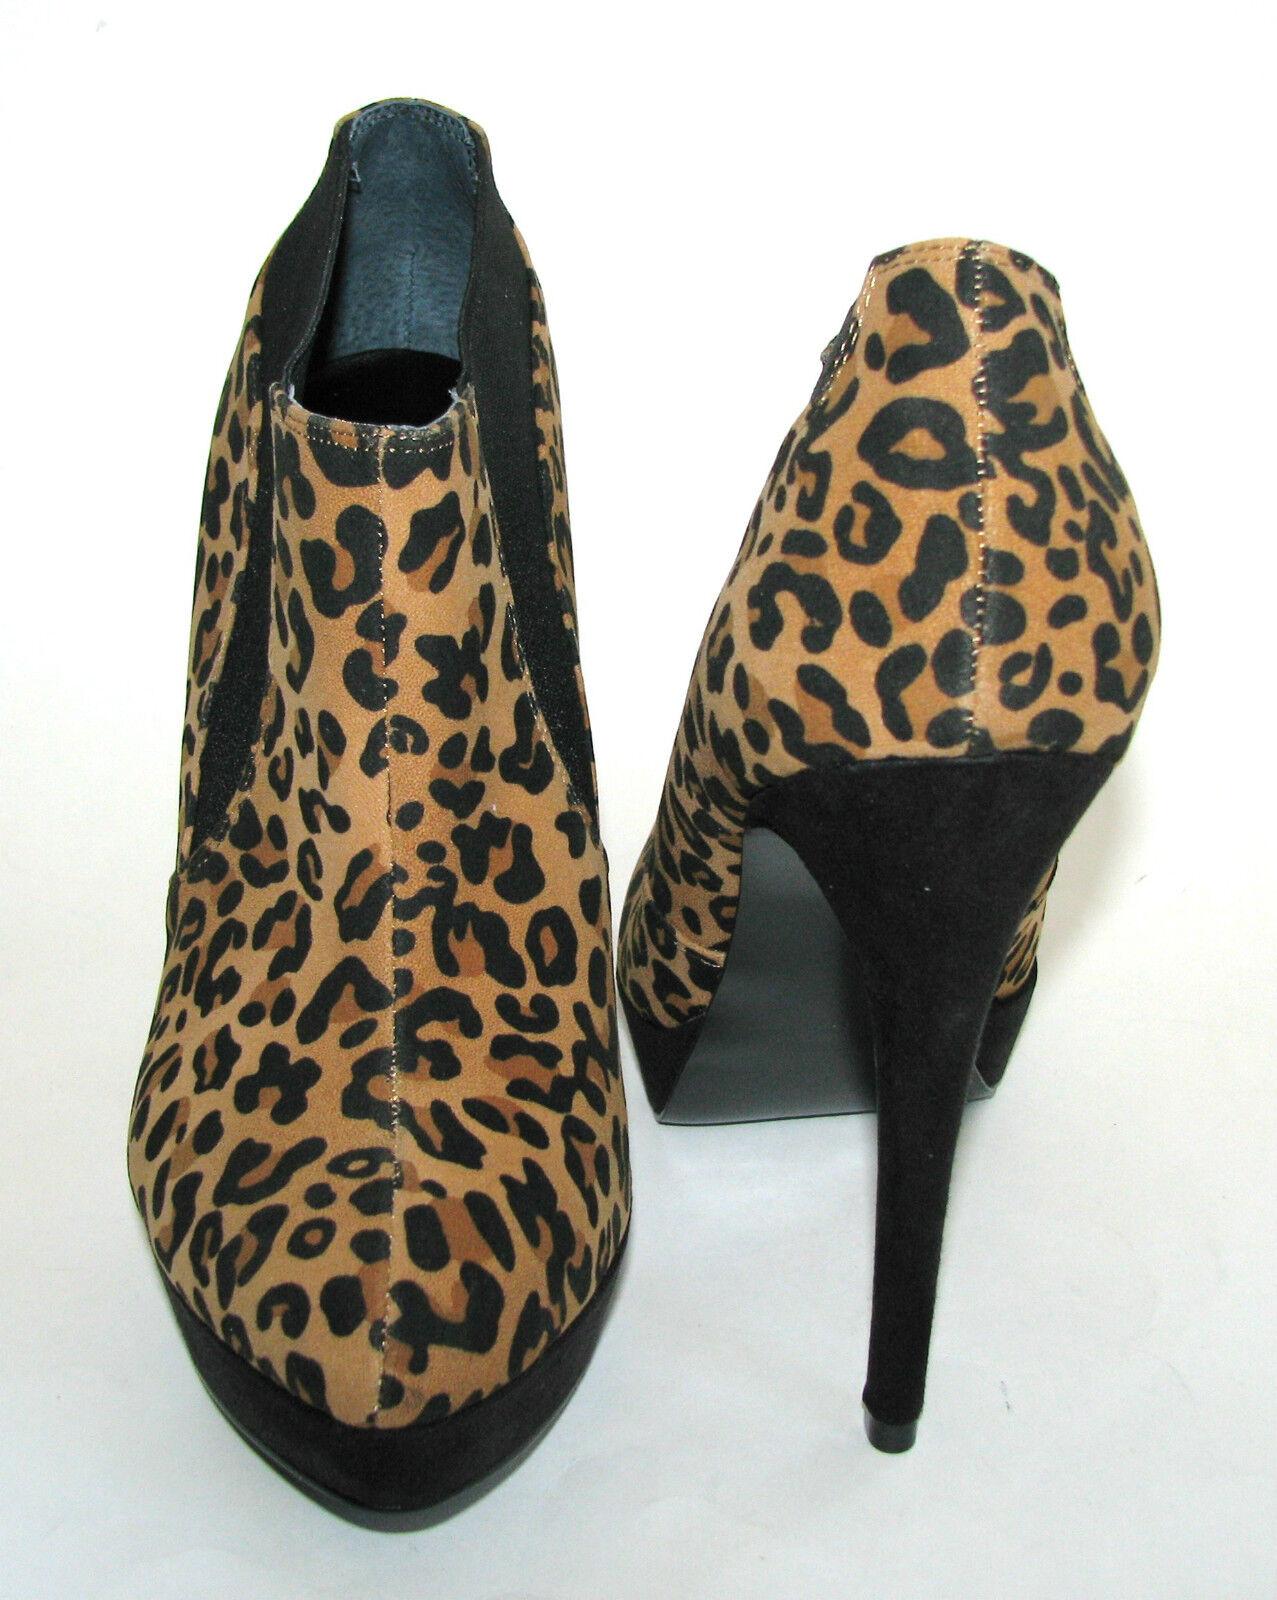 NEW GUESS HIGH ONA BROWN LEOPARD+BLACK PRINT HIGH GUESS HEEL Damenschuhe BOOTIE Schuhe SIZE 7.5-9 cdf30f